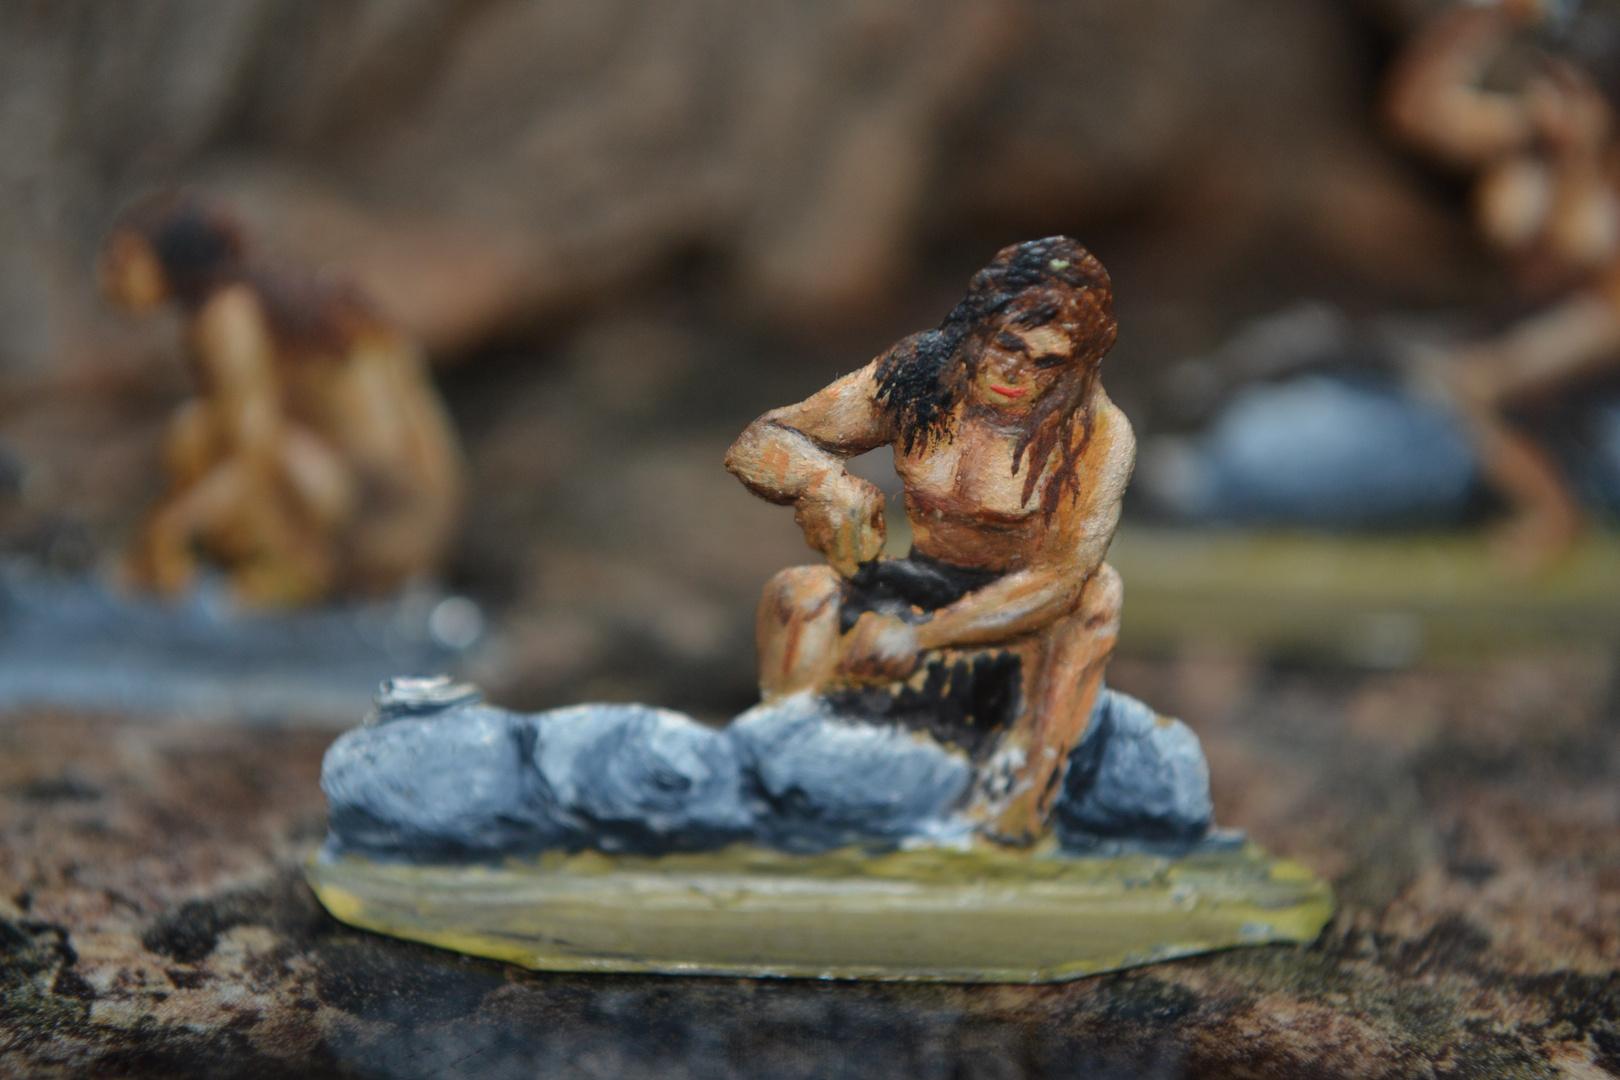 Zinnfiguren, von mir bemalt mit Ölfarben, 1980 : Neandertaler bei der Arbeit - Für Diorahma